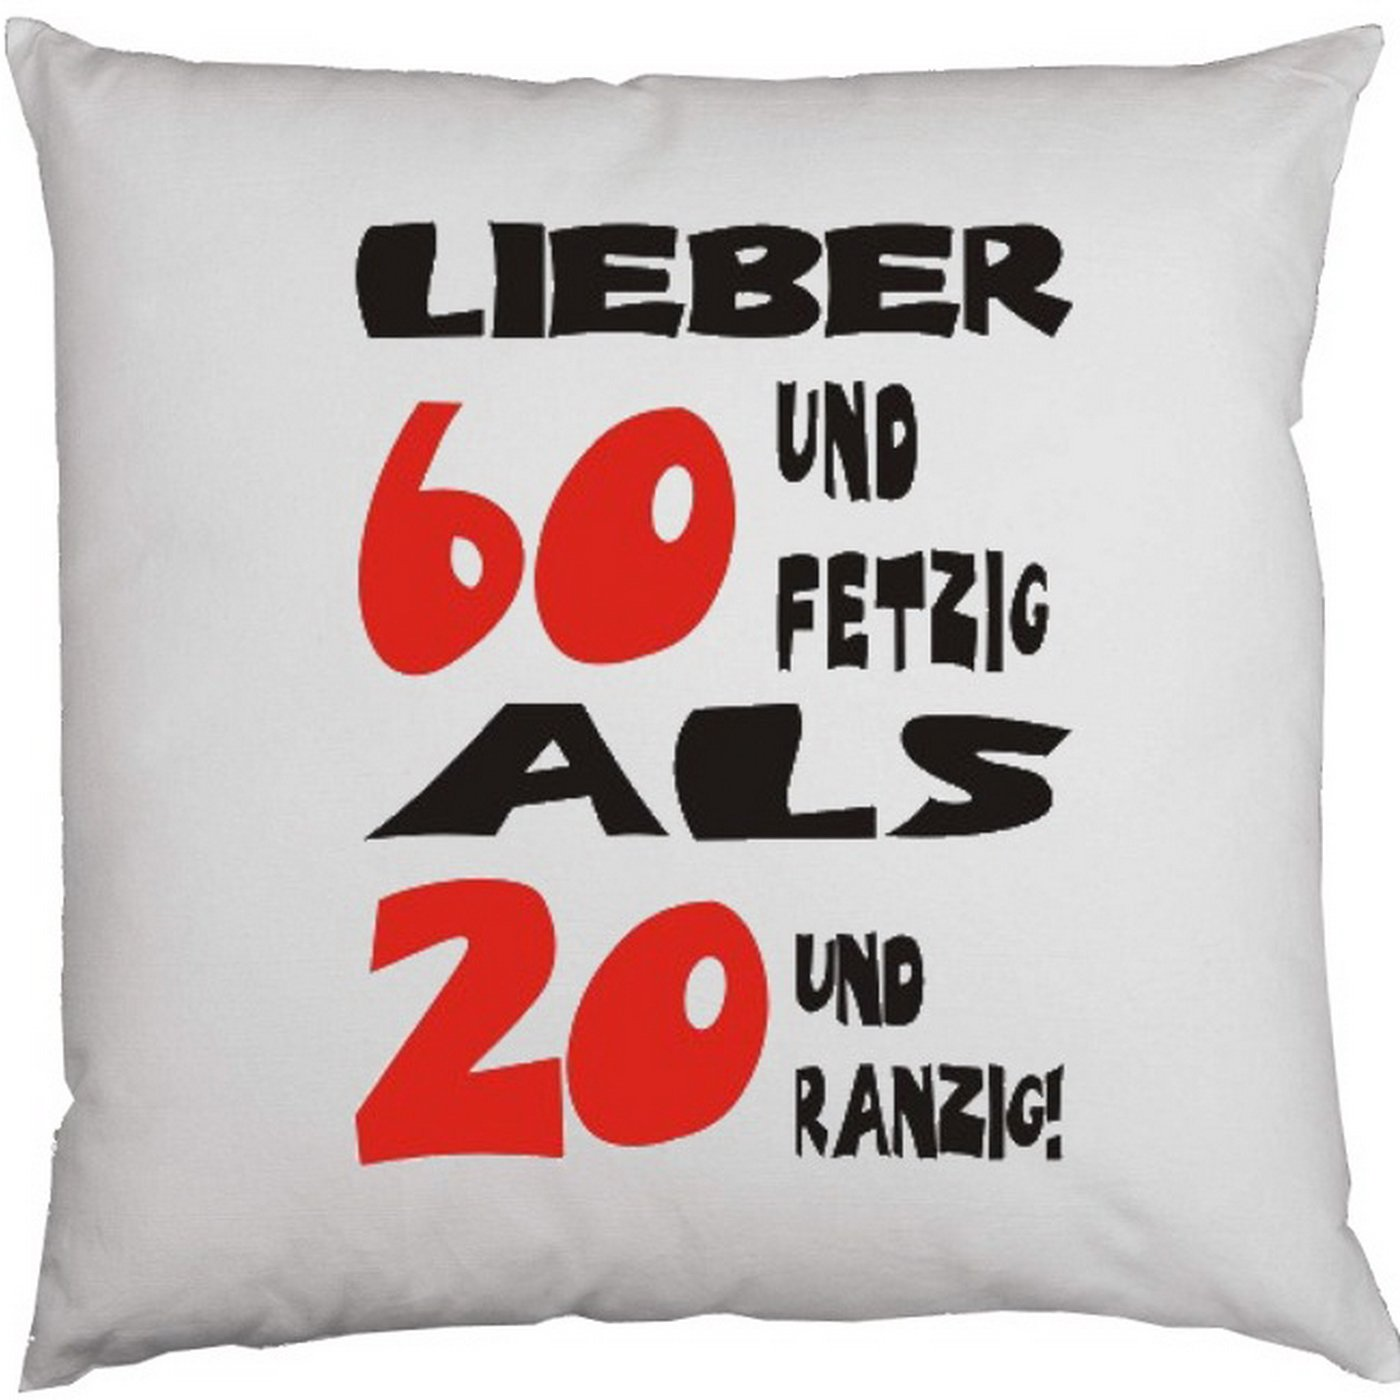 Kissen mit Innenkissen – zum 60. Geburtstag – Lieber 60 und fetzig als 20 und ranzig! – mit 40 x 40 cm – in weiß : ) kaufen